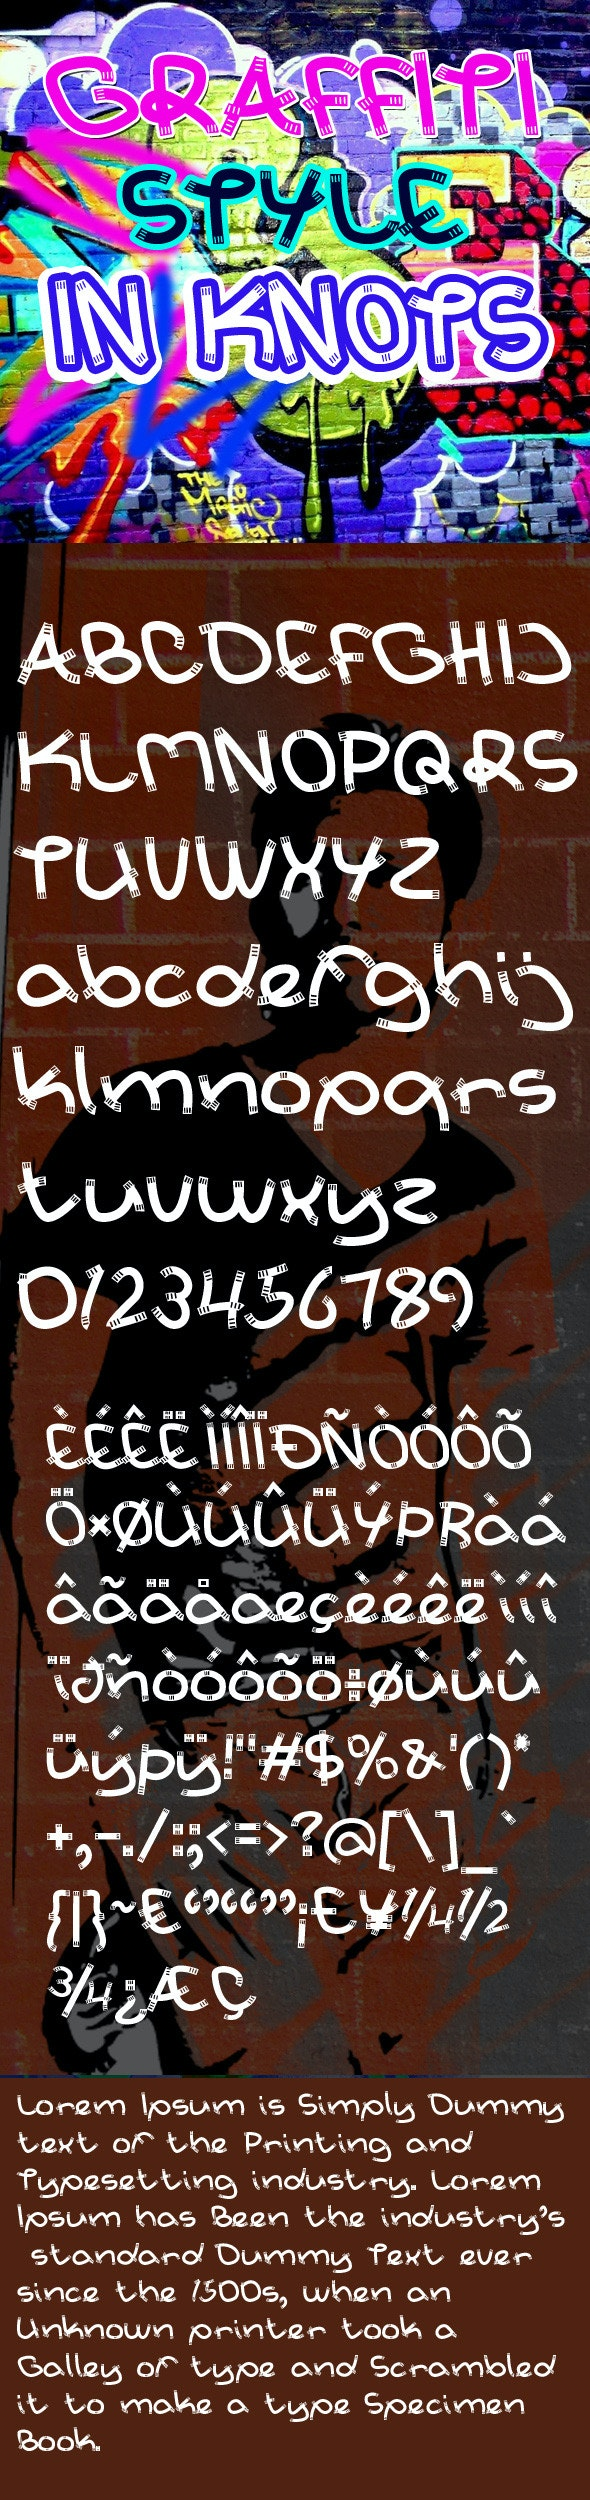 In Knots Font - Graffiti Fonts